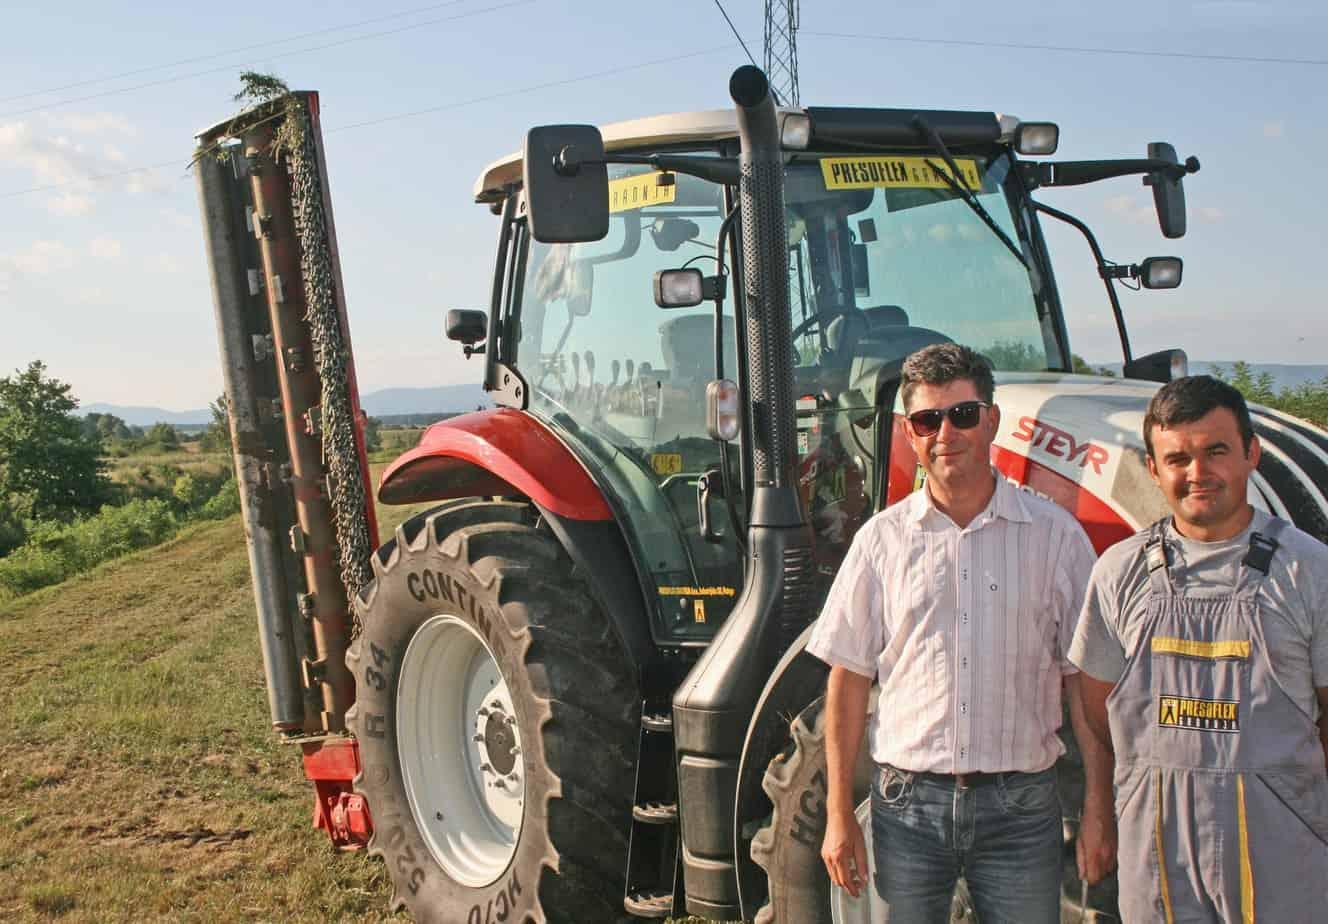 Zvonko Šimunović, Responsabile della Presoflex, con l'operatore